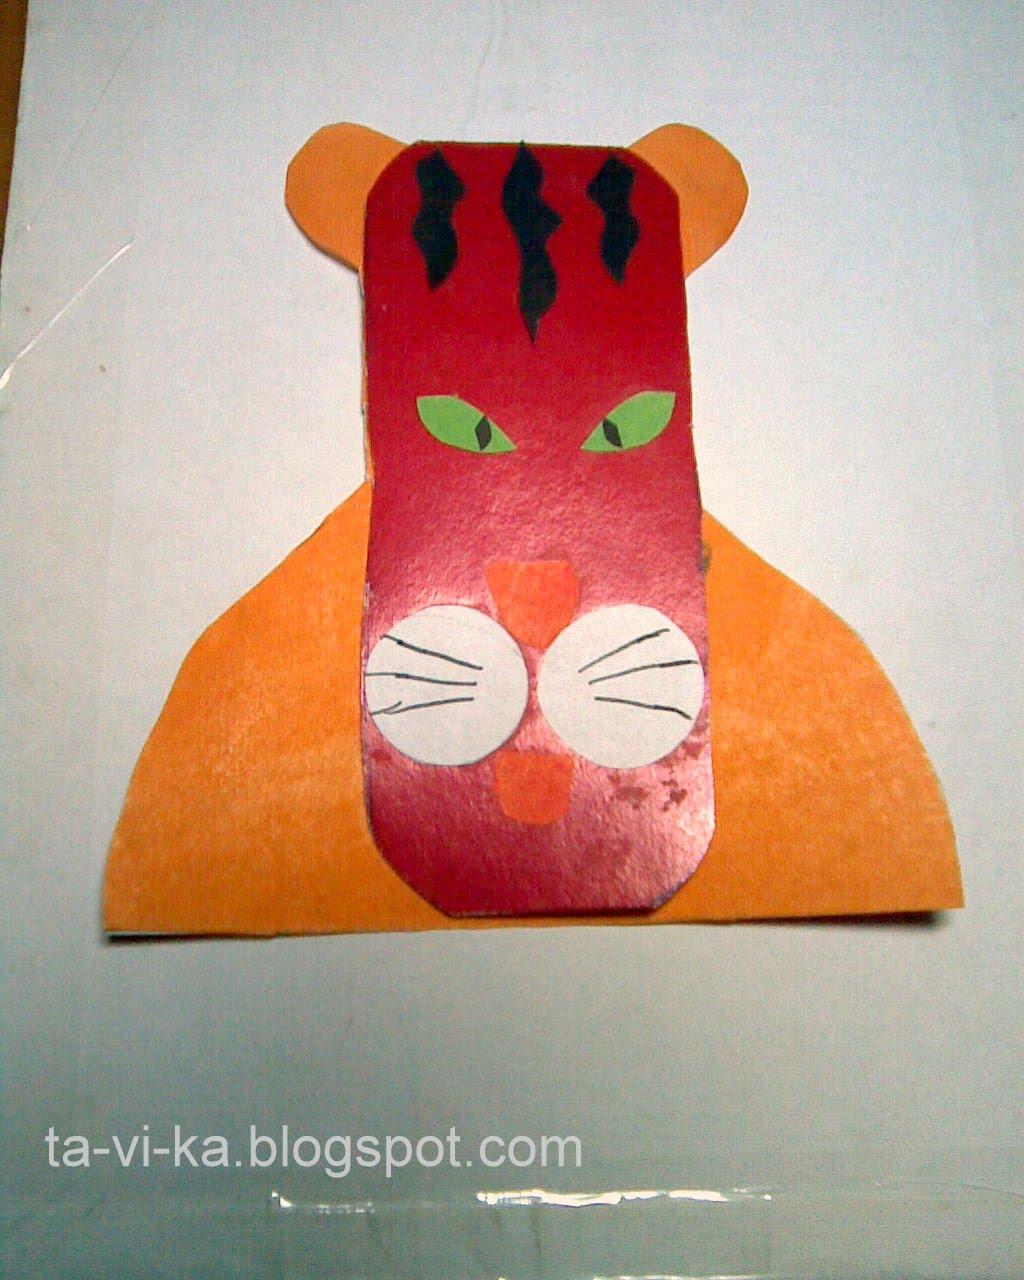 Как сделать тигра из бумаги своими руками? Вечные вопросы 91